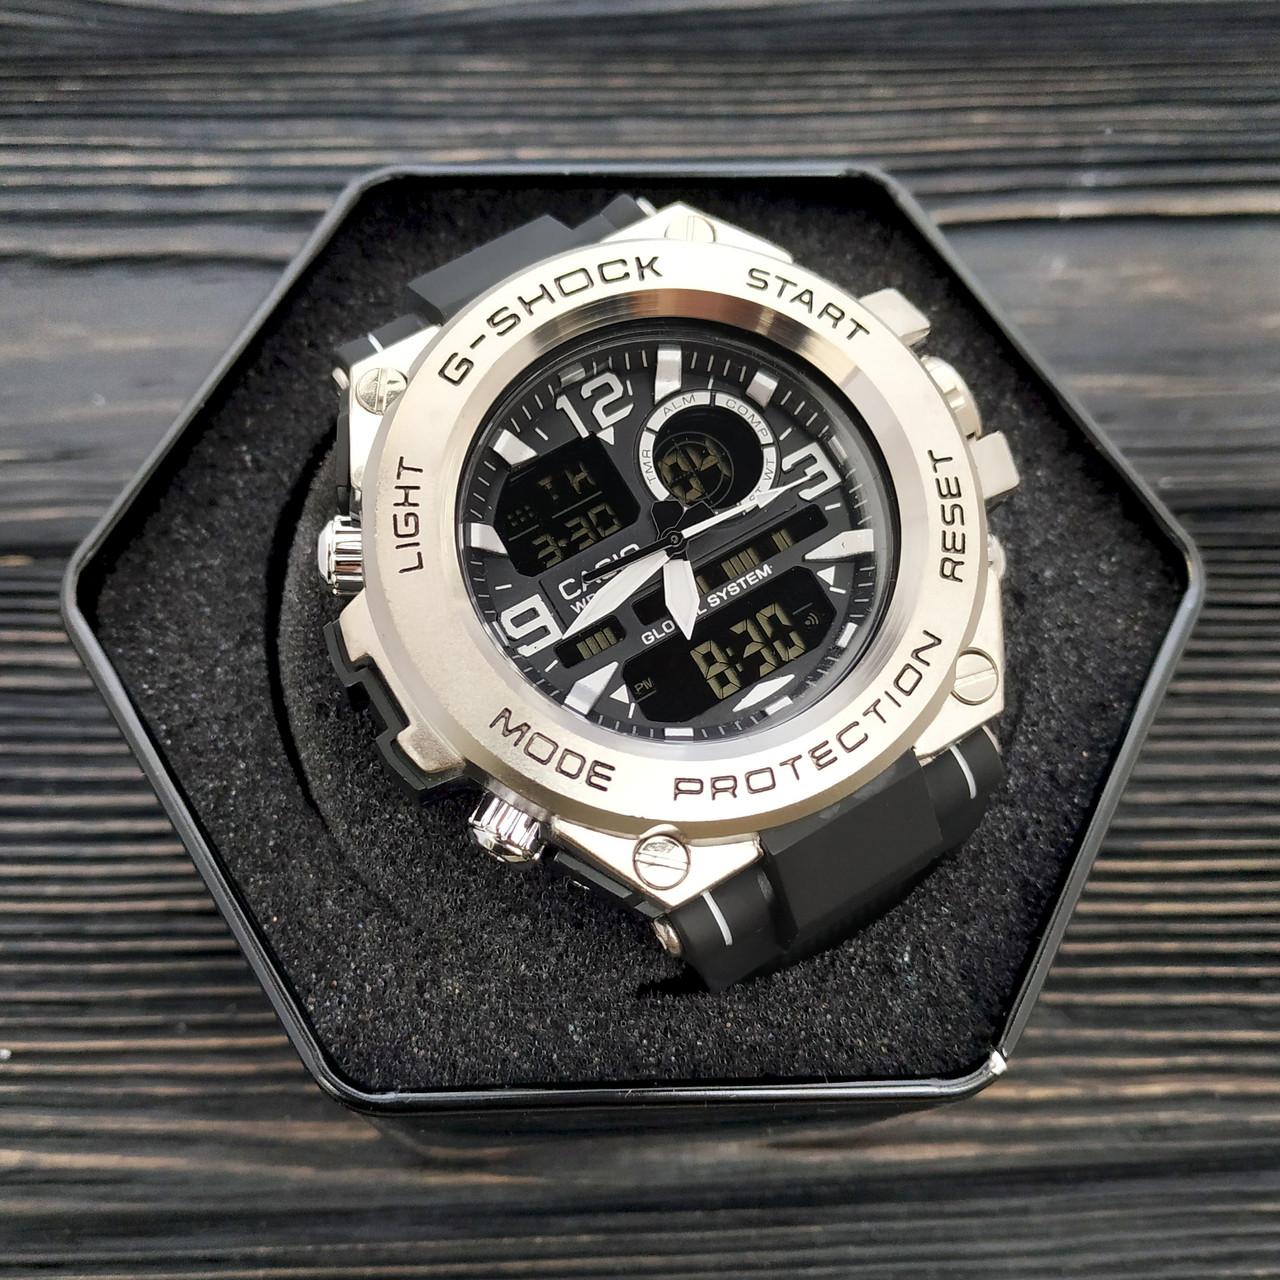 Мужские наручные часы Casio G-Shock GLG-1000 Black-Silver-Black